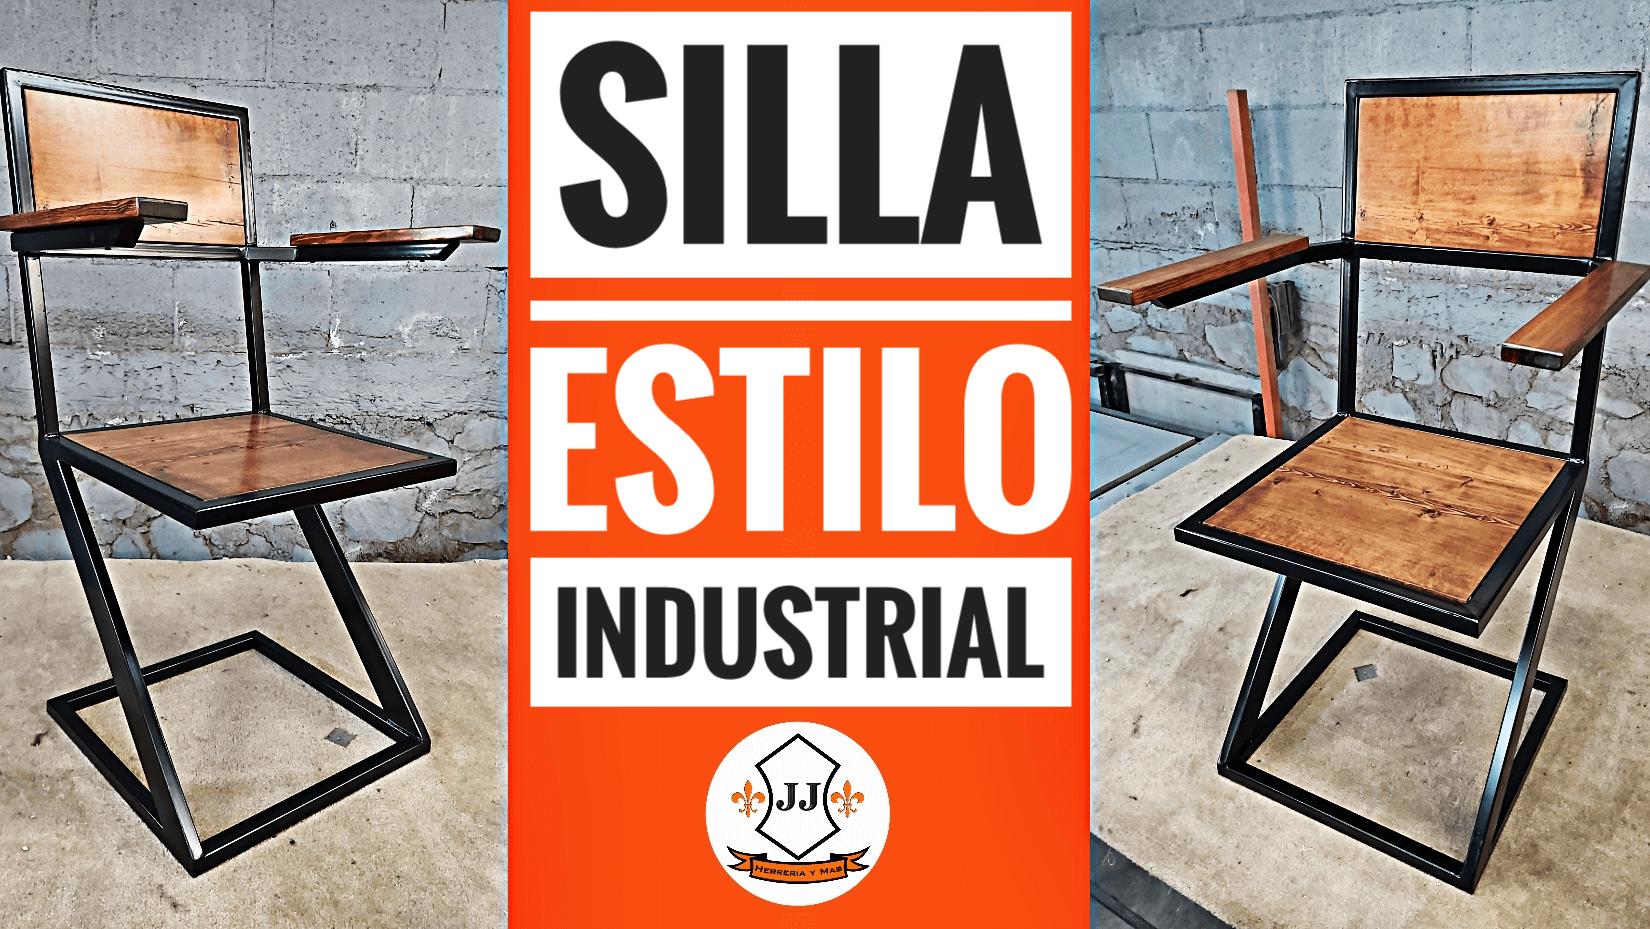 Tutorial silla estilo industrial con productos PROLAMSA